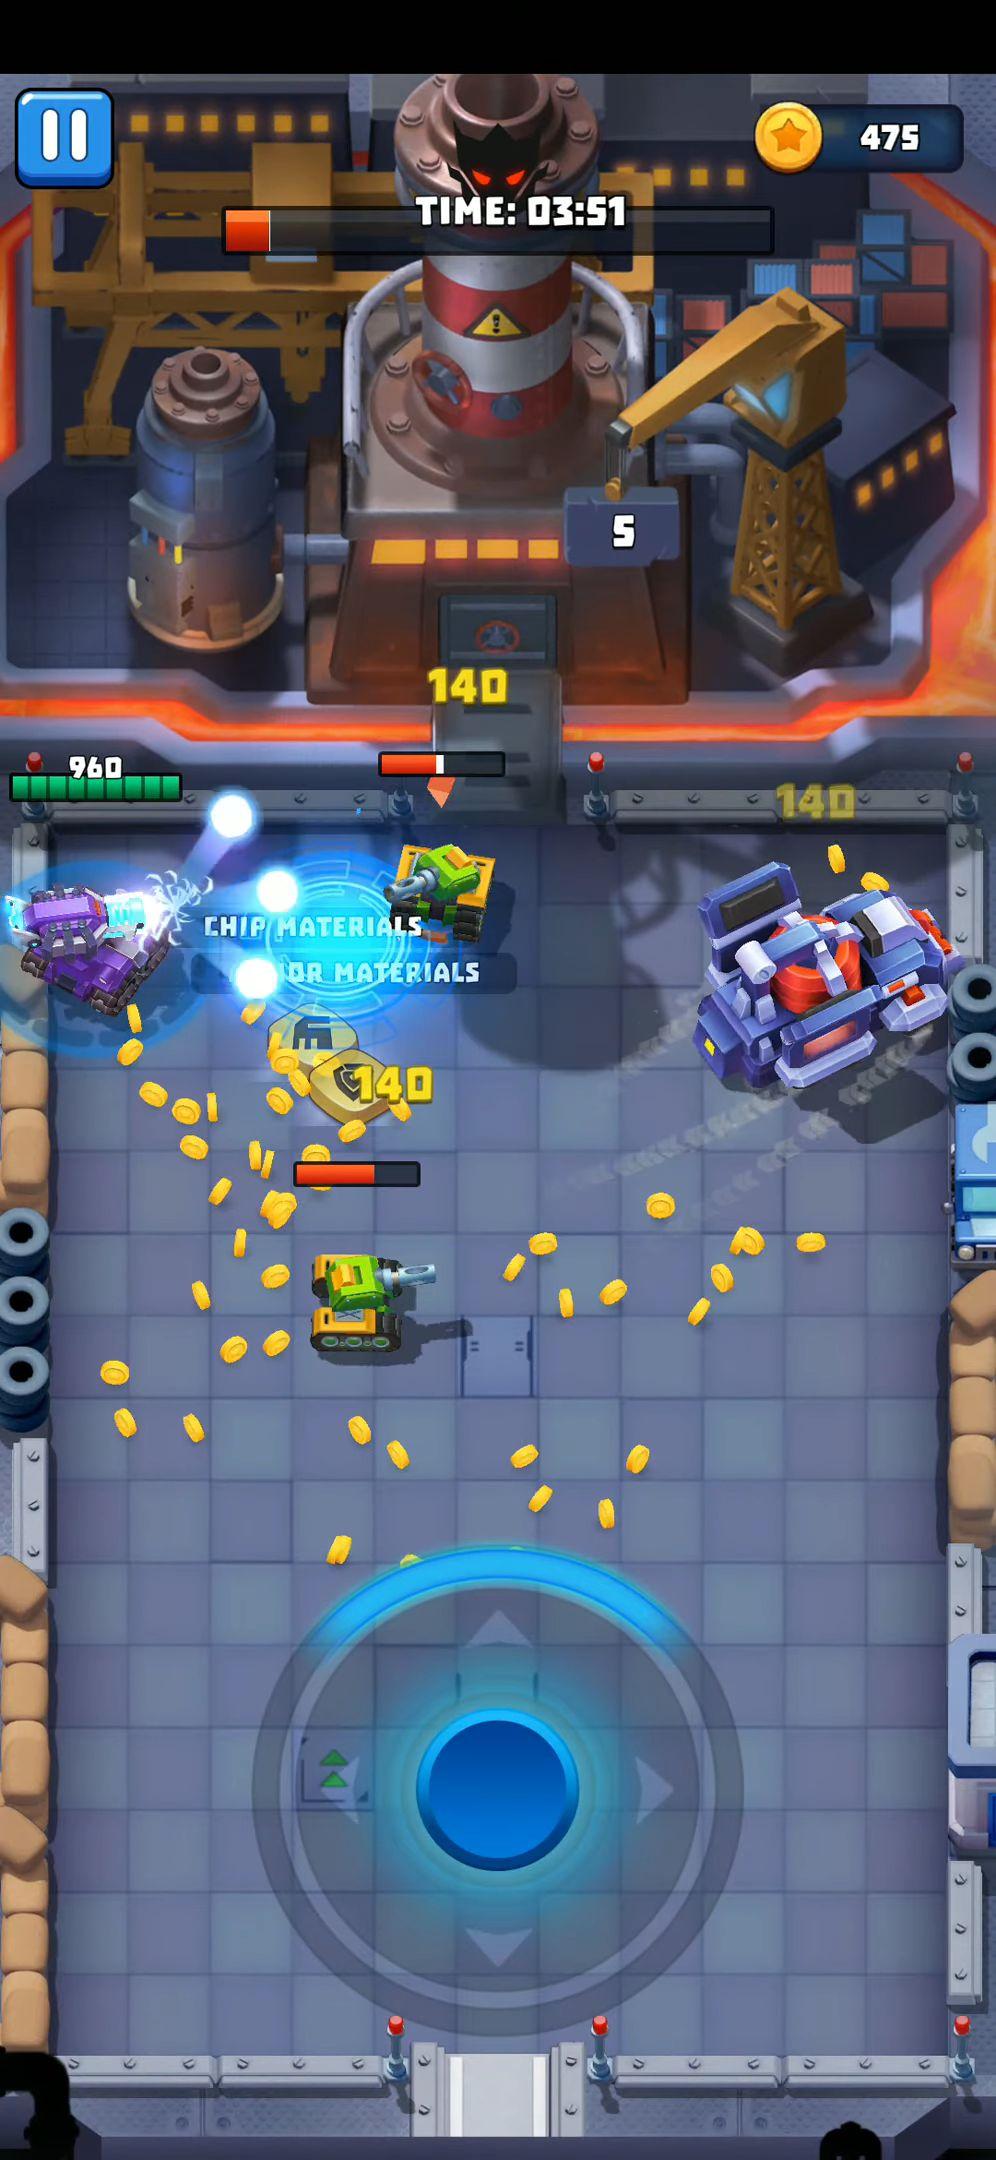 Tank Hero - Fun and addicting game screenshot 1